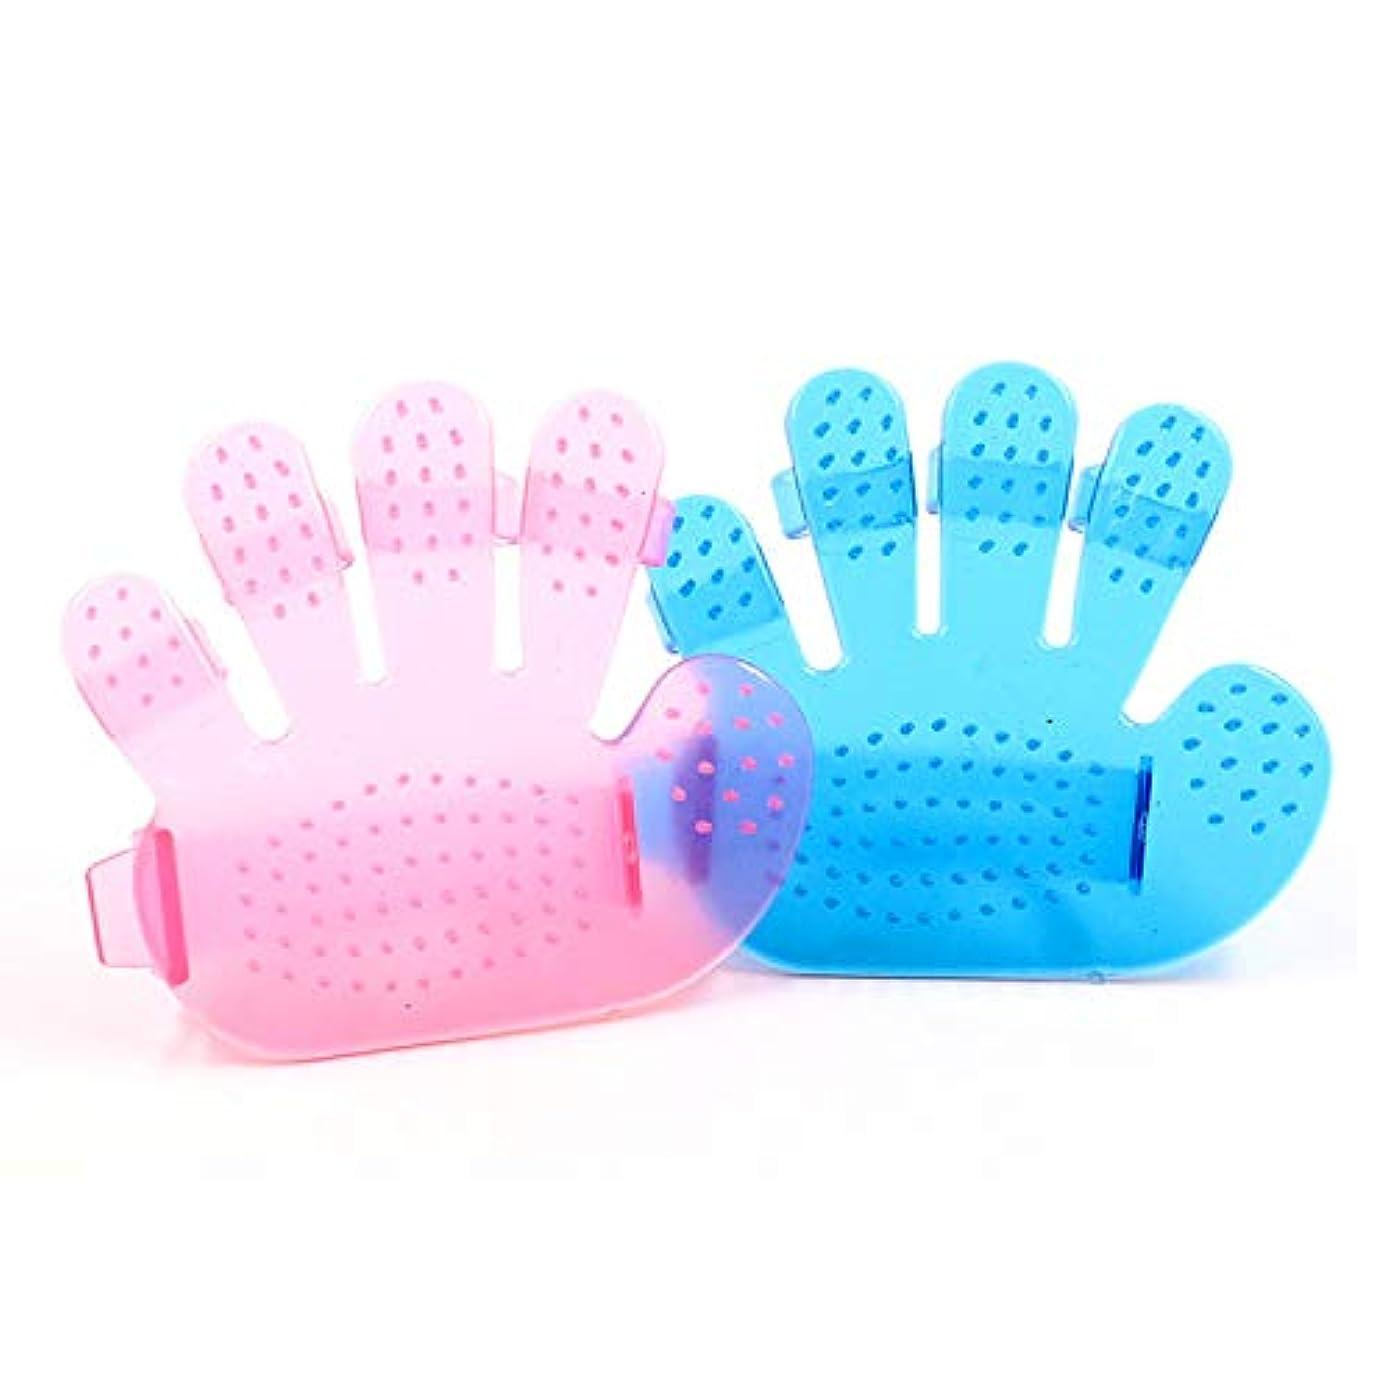 浮浪者光の笑BTXXYJP ペット ブラシ 手袋 猫 ブラシ グローブ クリーナー 耐摩耗 抜け毛取り マッサージブラシ 犬 グローブ 10個 (Color : Pink, Size : M-Ten)